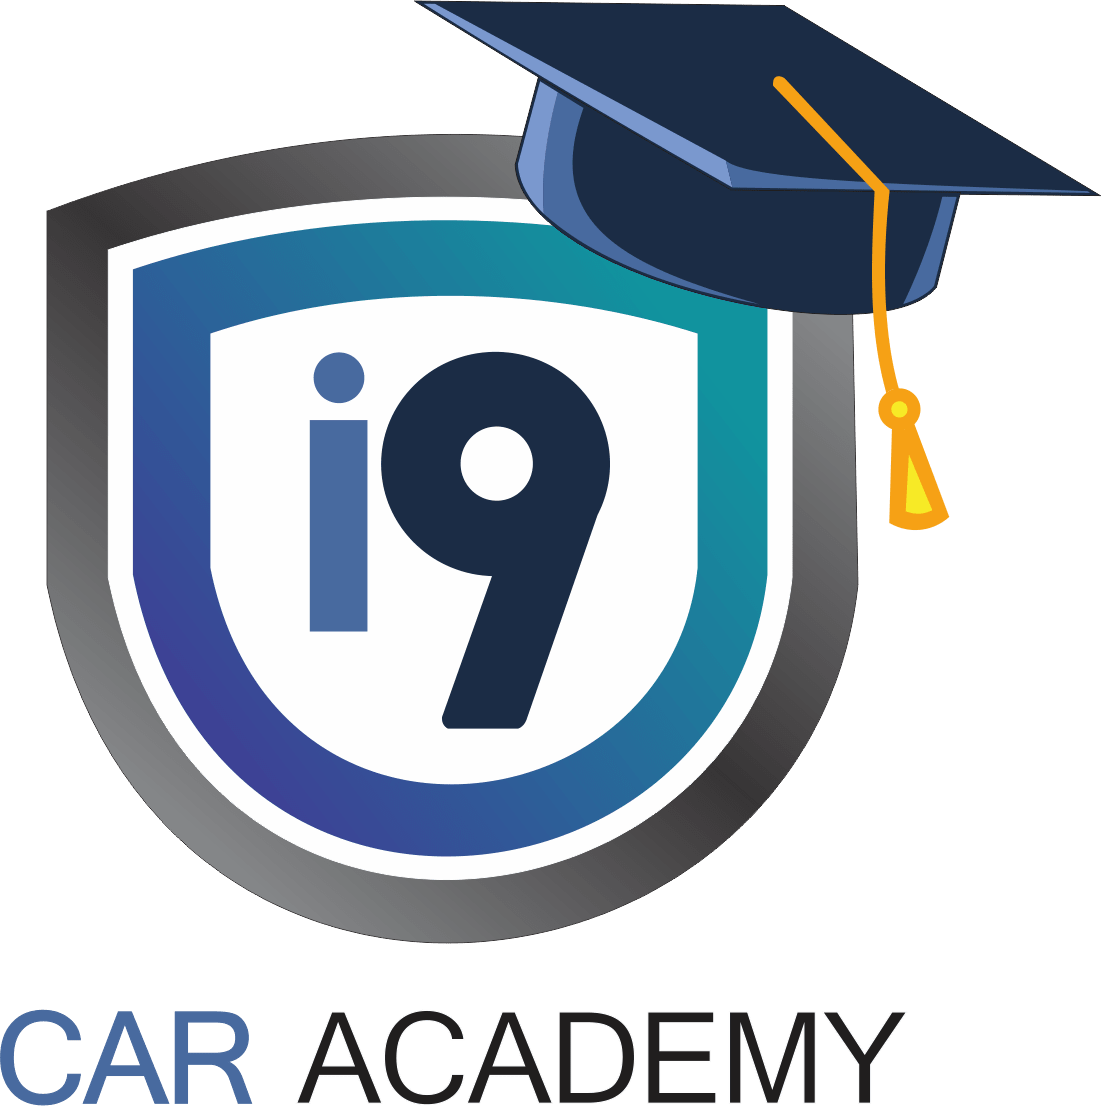 logo i9 academia